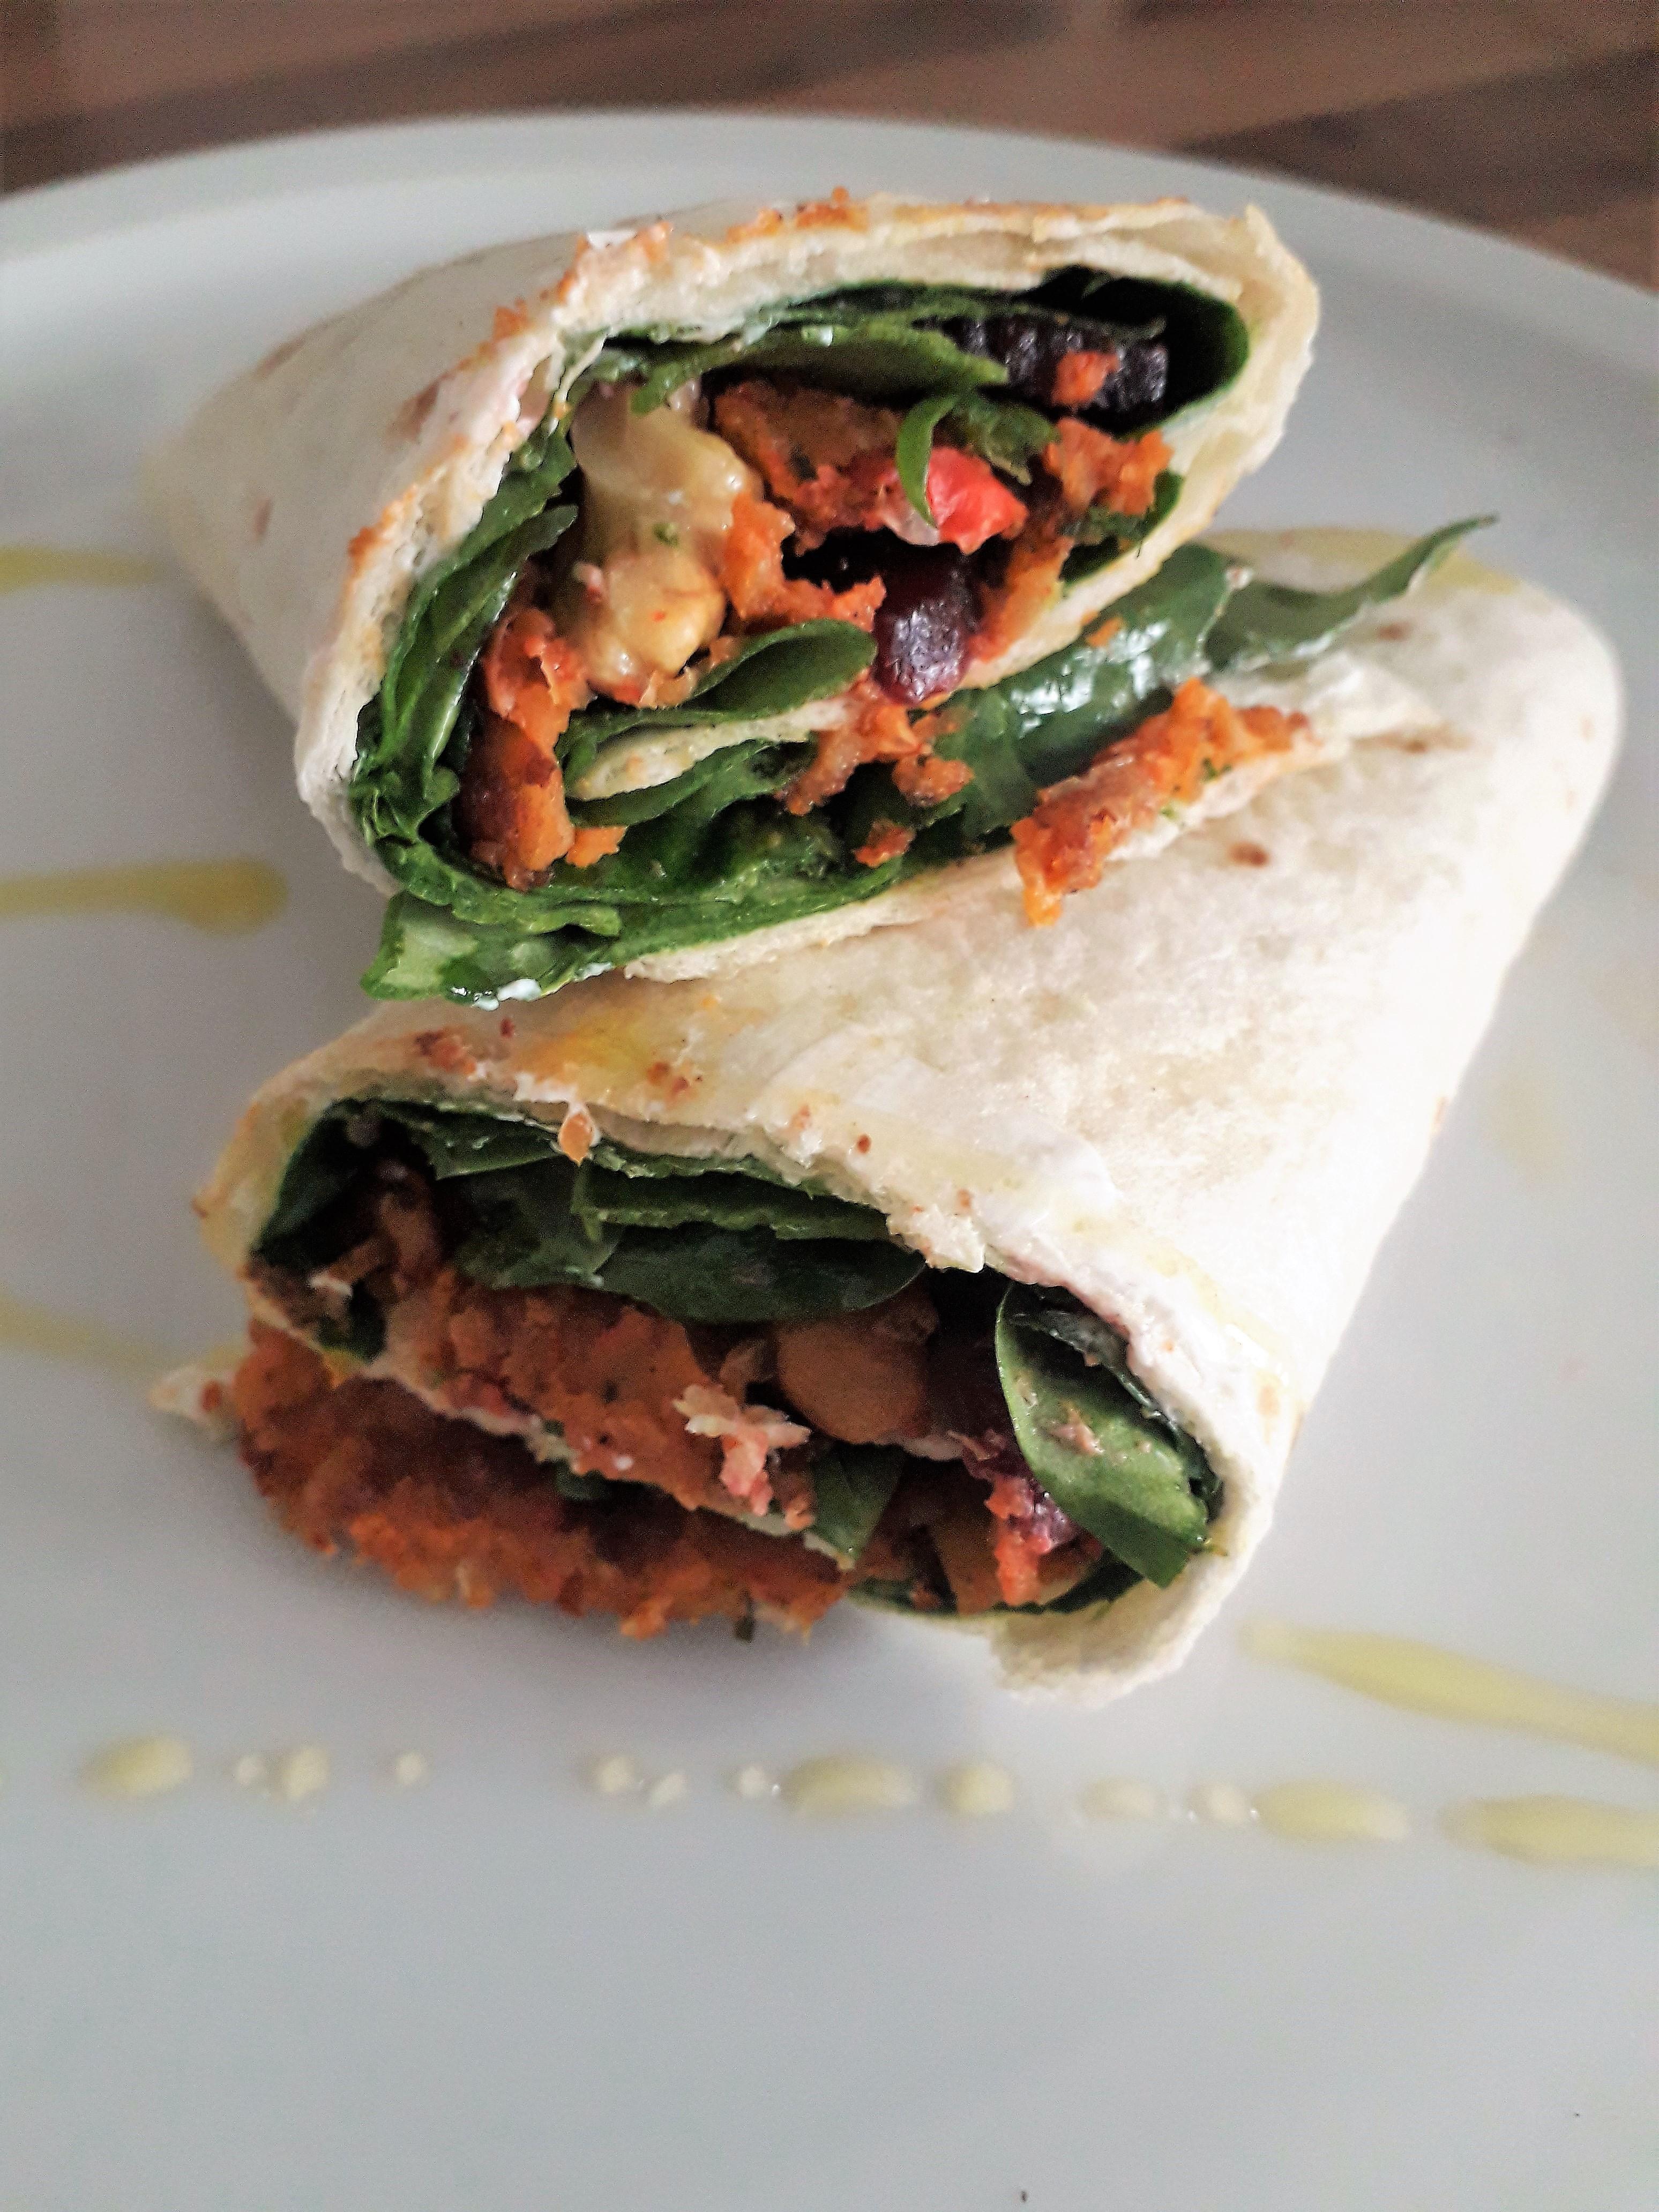 Vega wraps met spinazie en falafel balletjes